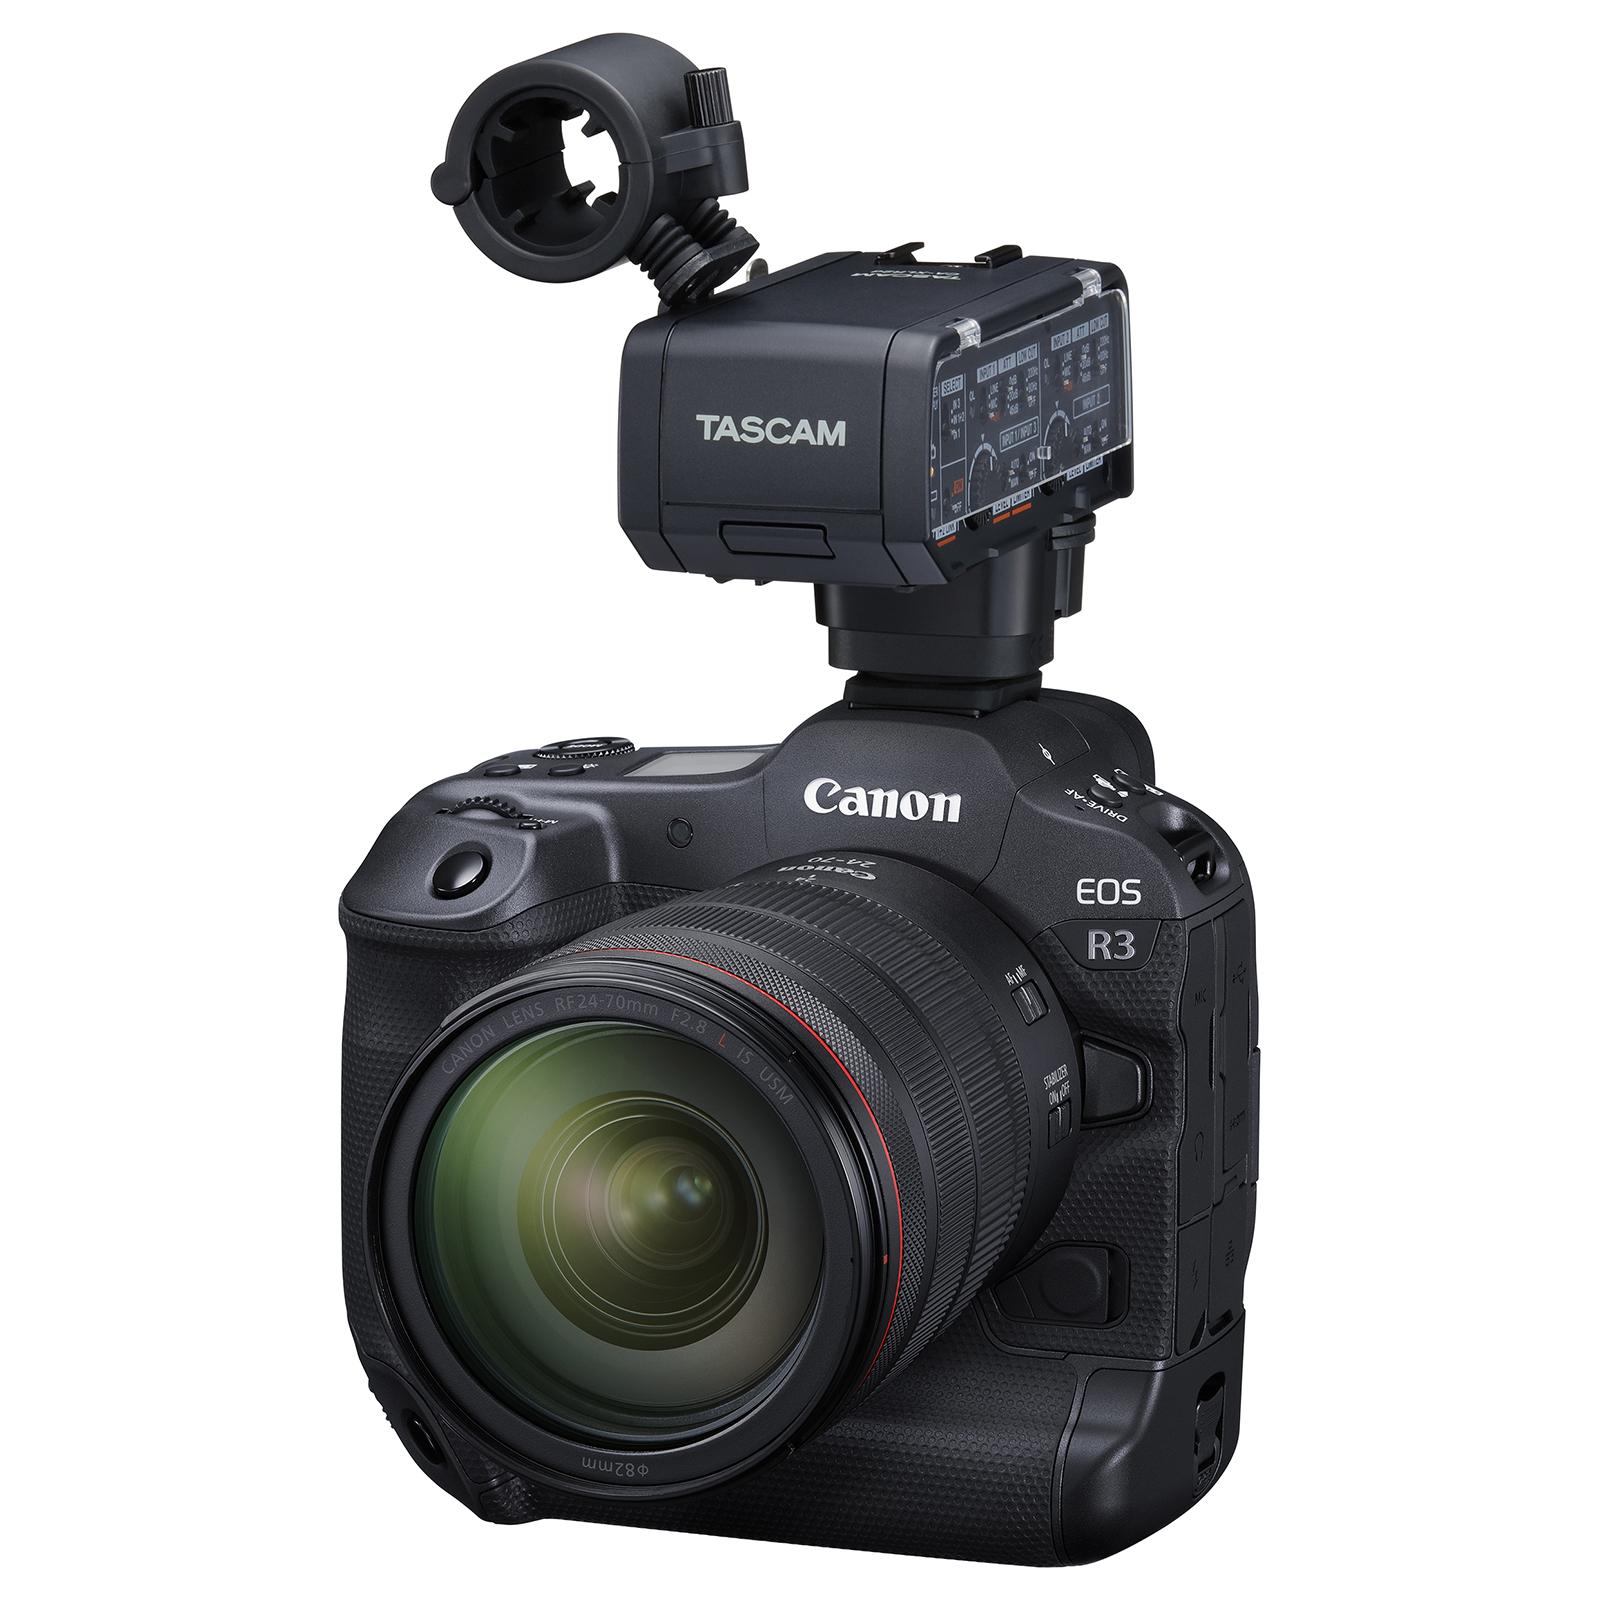 Tascam stellt professionellen XLR-Mikrofonadapter für spiegellose Kameras von Canon, Fujifilm und Nikon vor